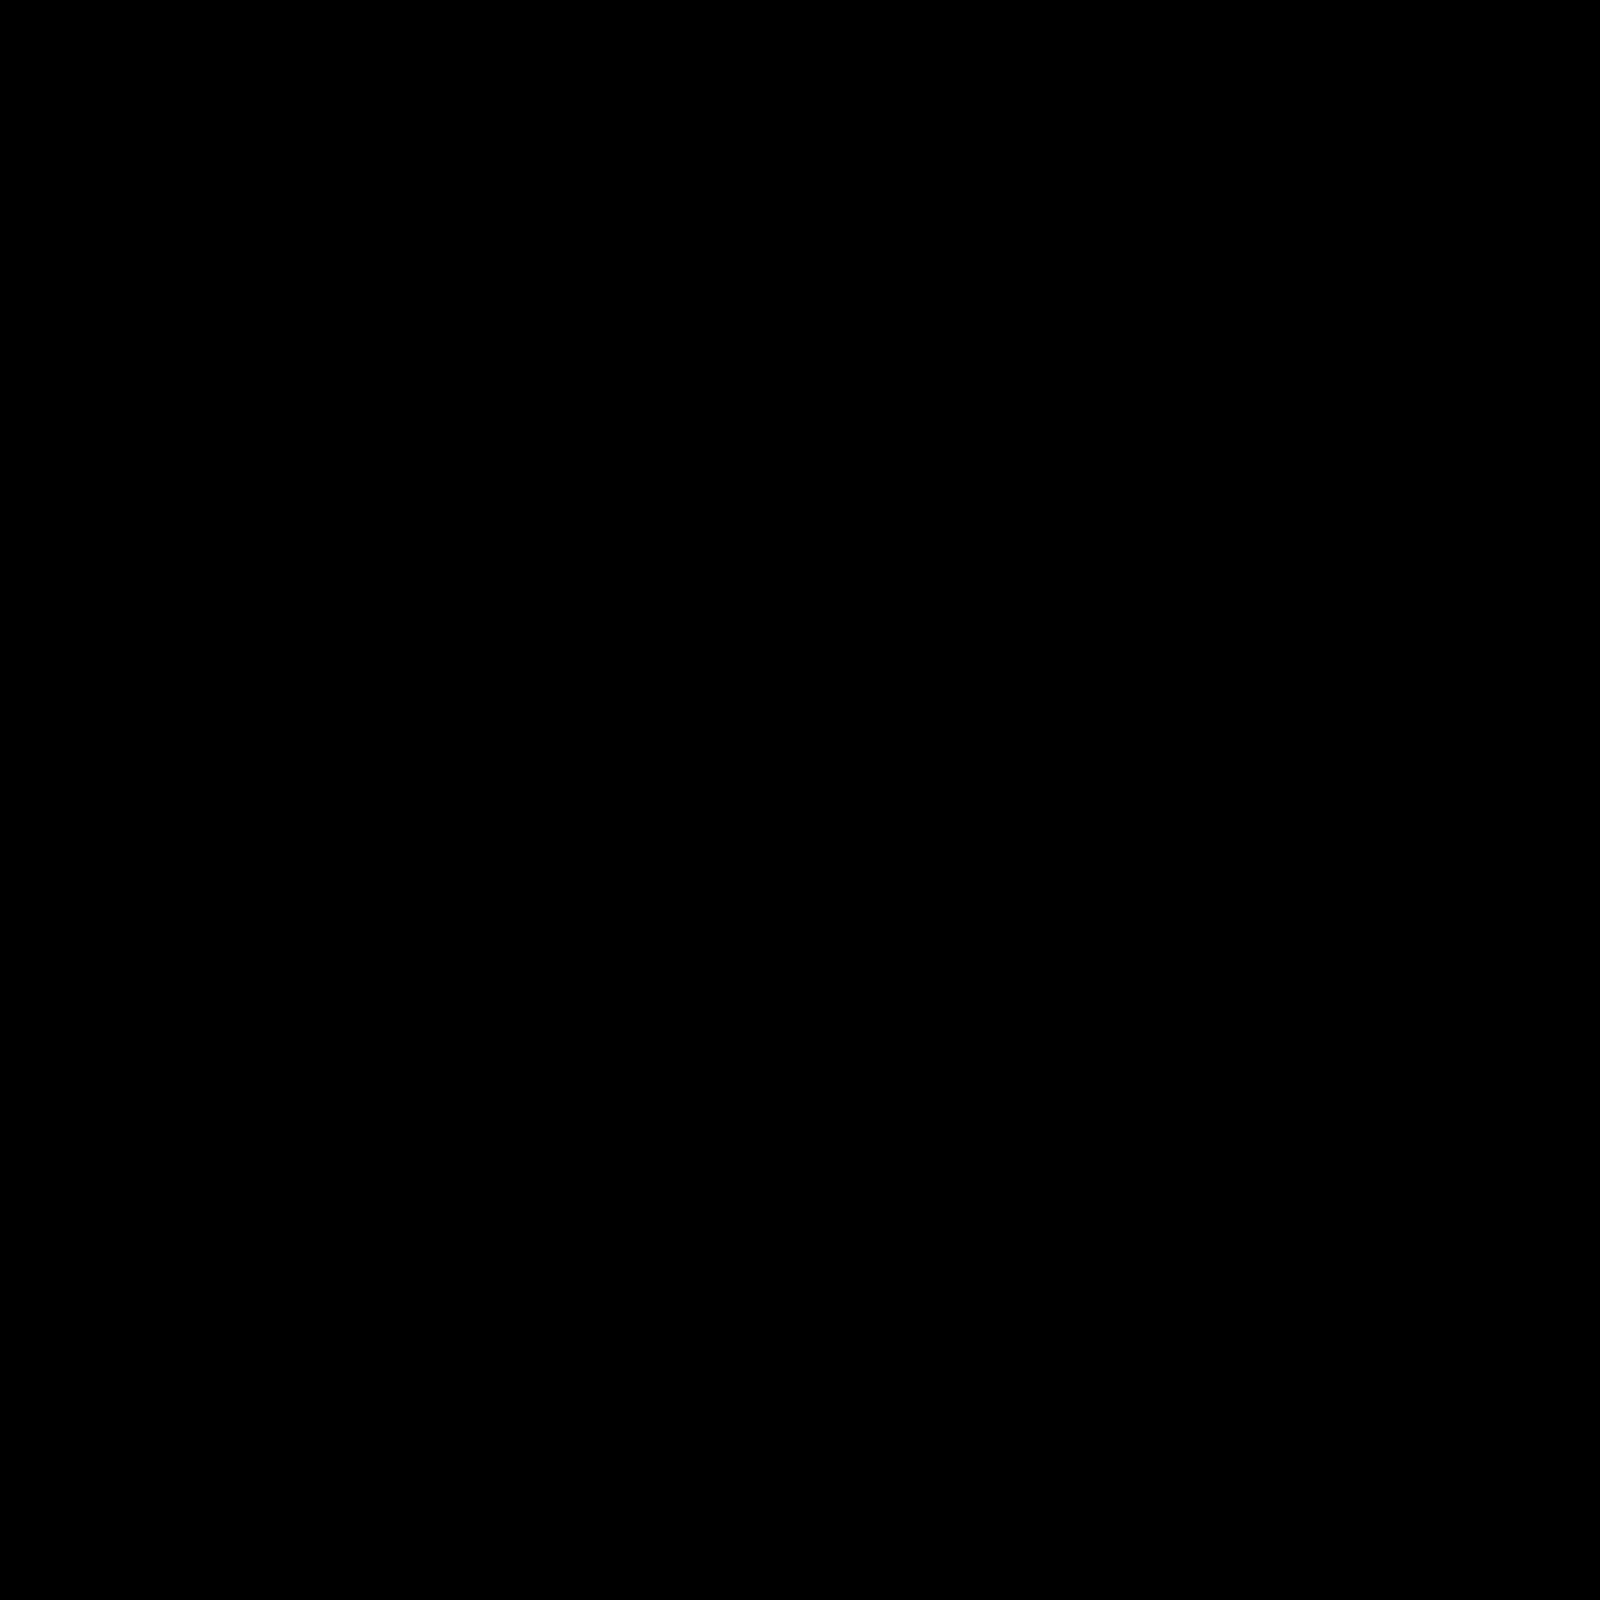 购票 icon. It's a logo of a person standing behind a desk handing a ticket to a person standing in front of the desk. The person behind the desk is a worker and the person in front of the desk receiving the ticket is a traveler.